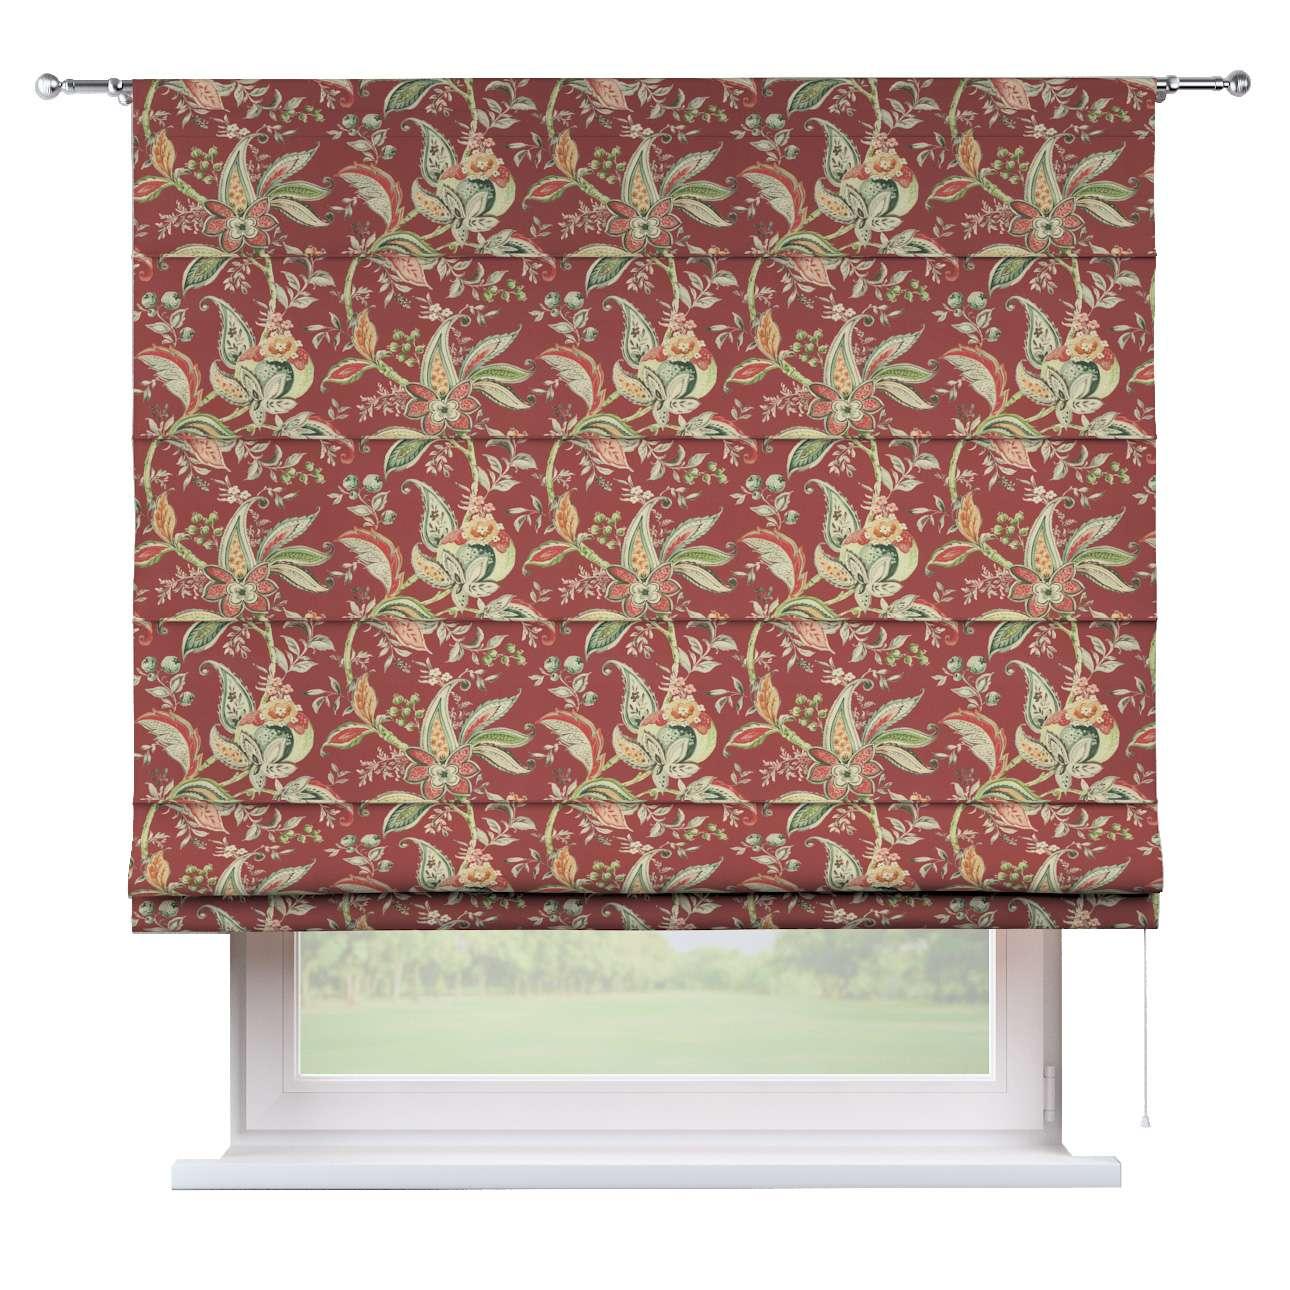 Roleta rzymska Torino 130×170cm w kolekcji Gardenia, tkanina: 142-12